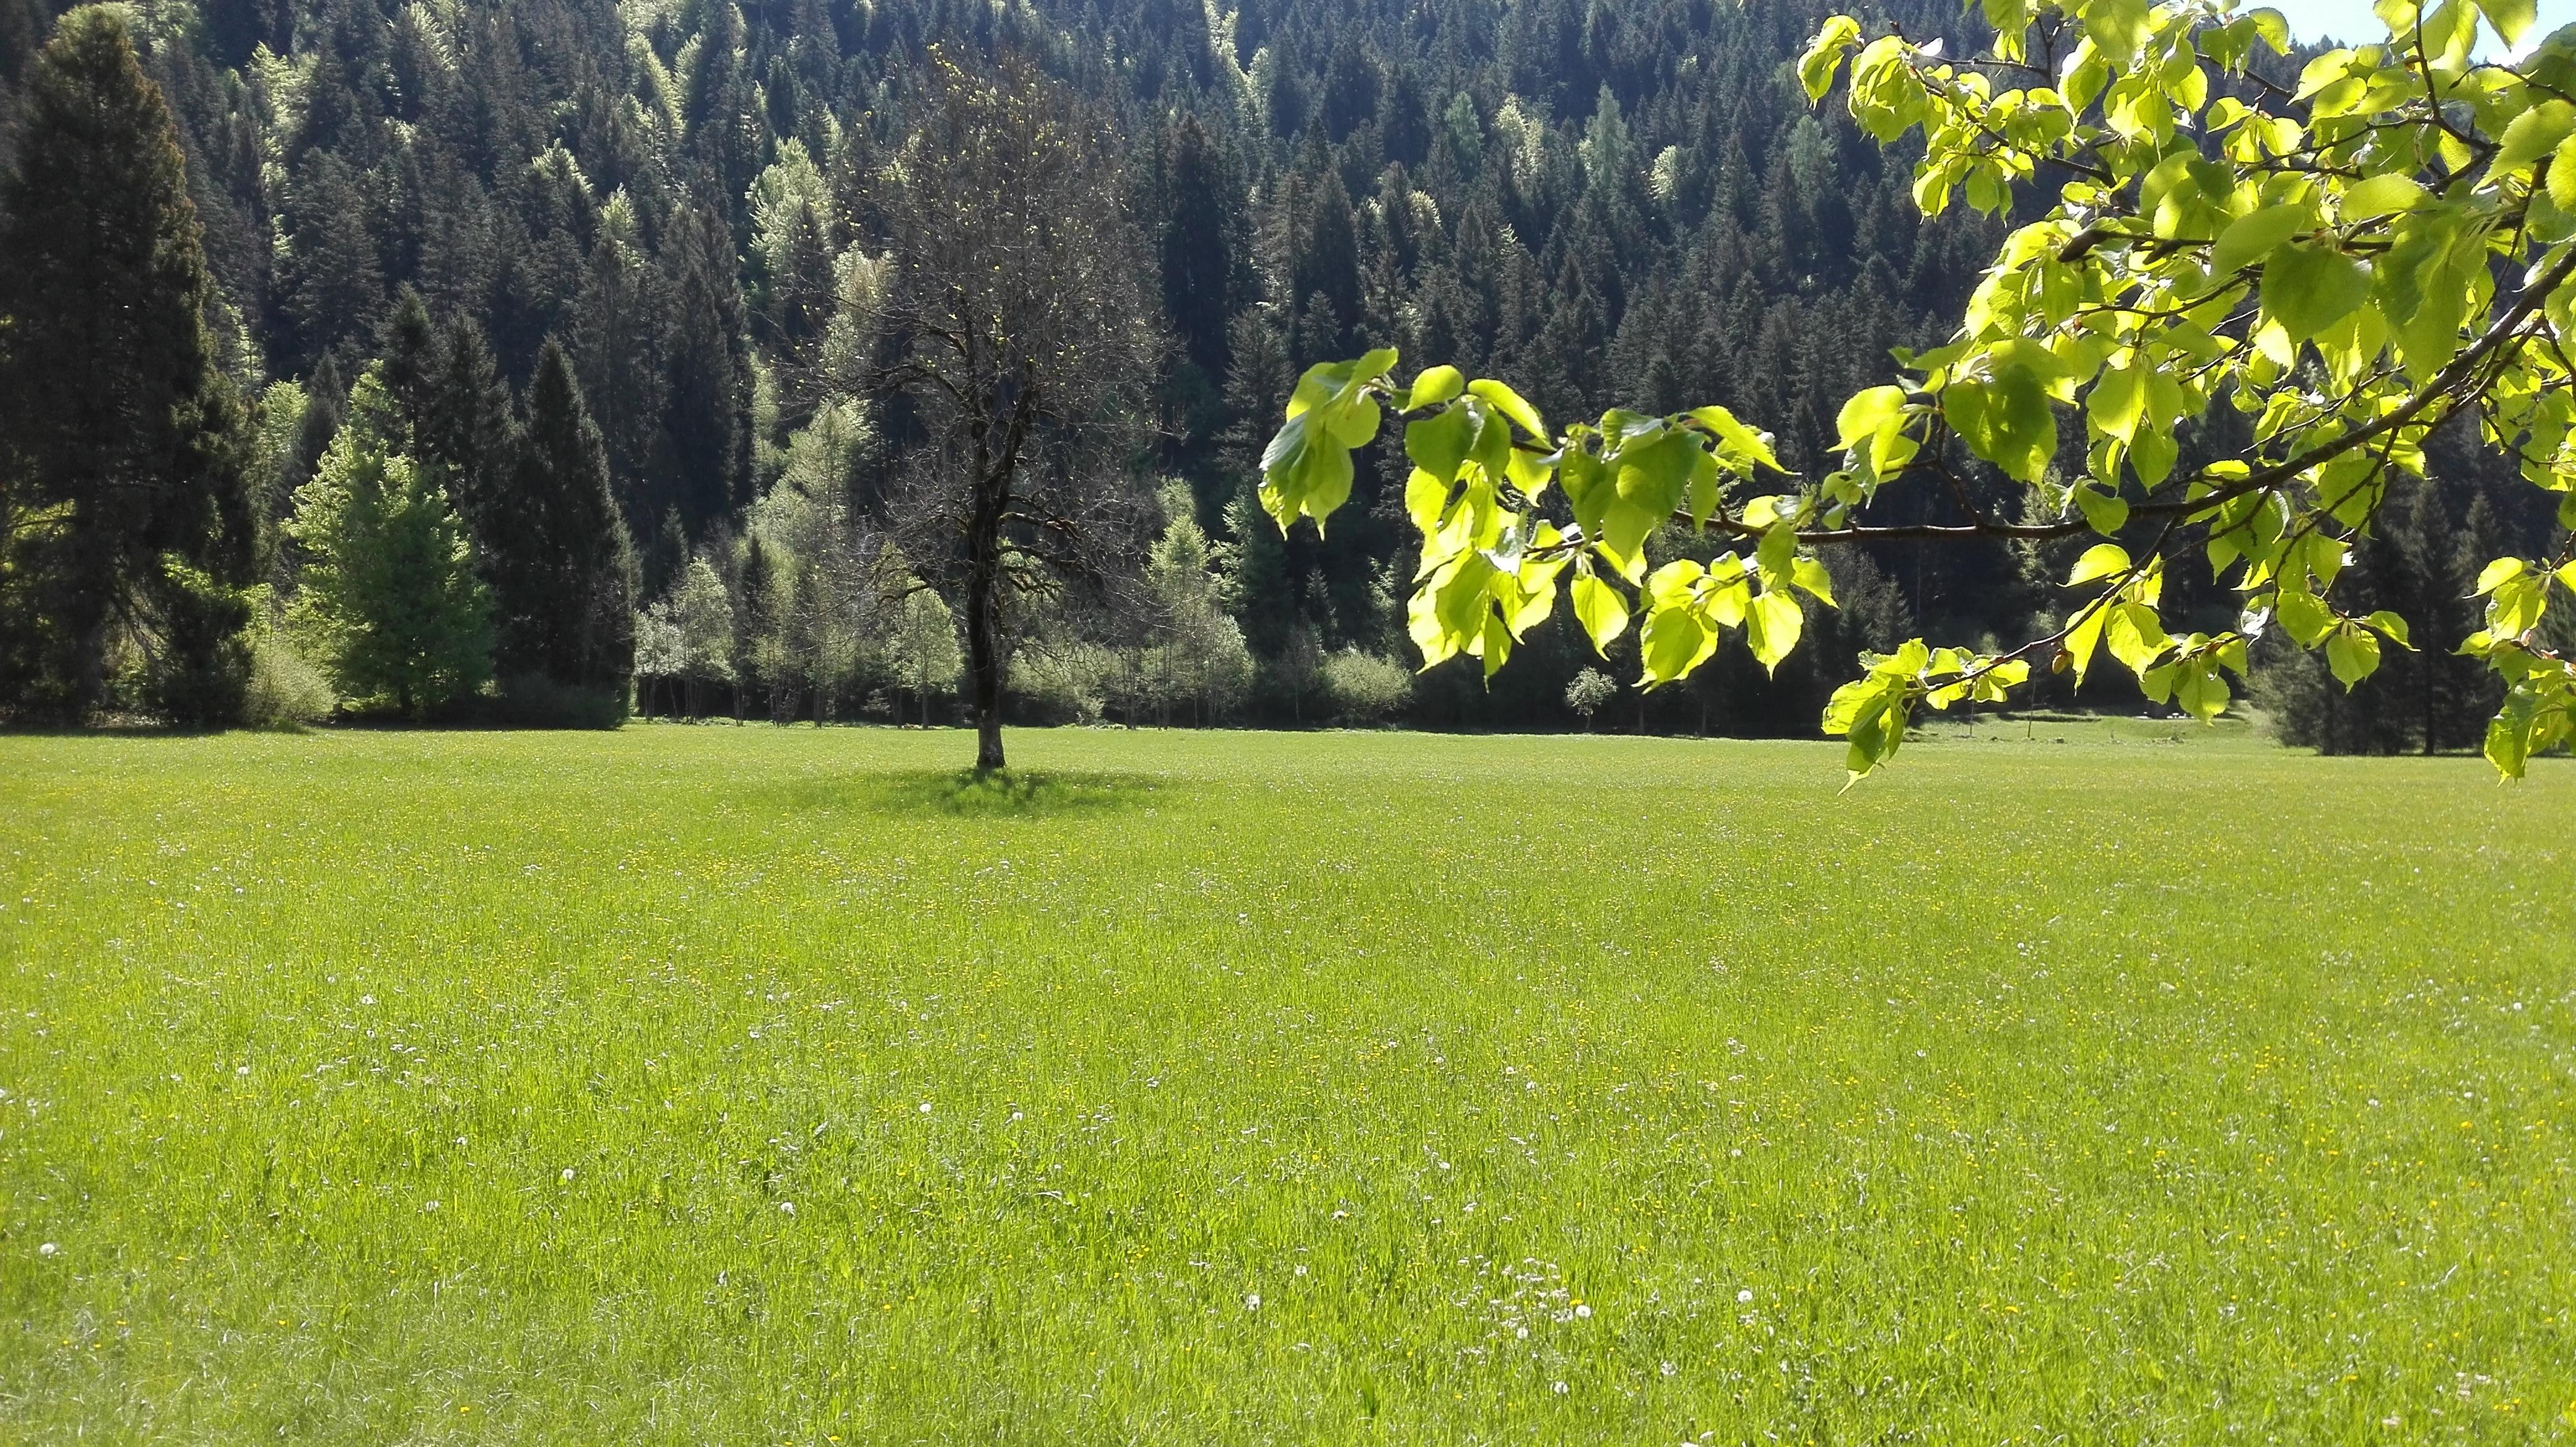 In cammino nei Parchi, domenica 13 giugno anche in Val Canali